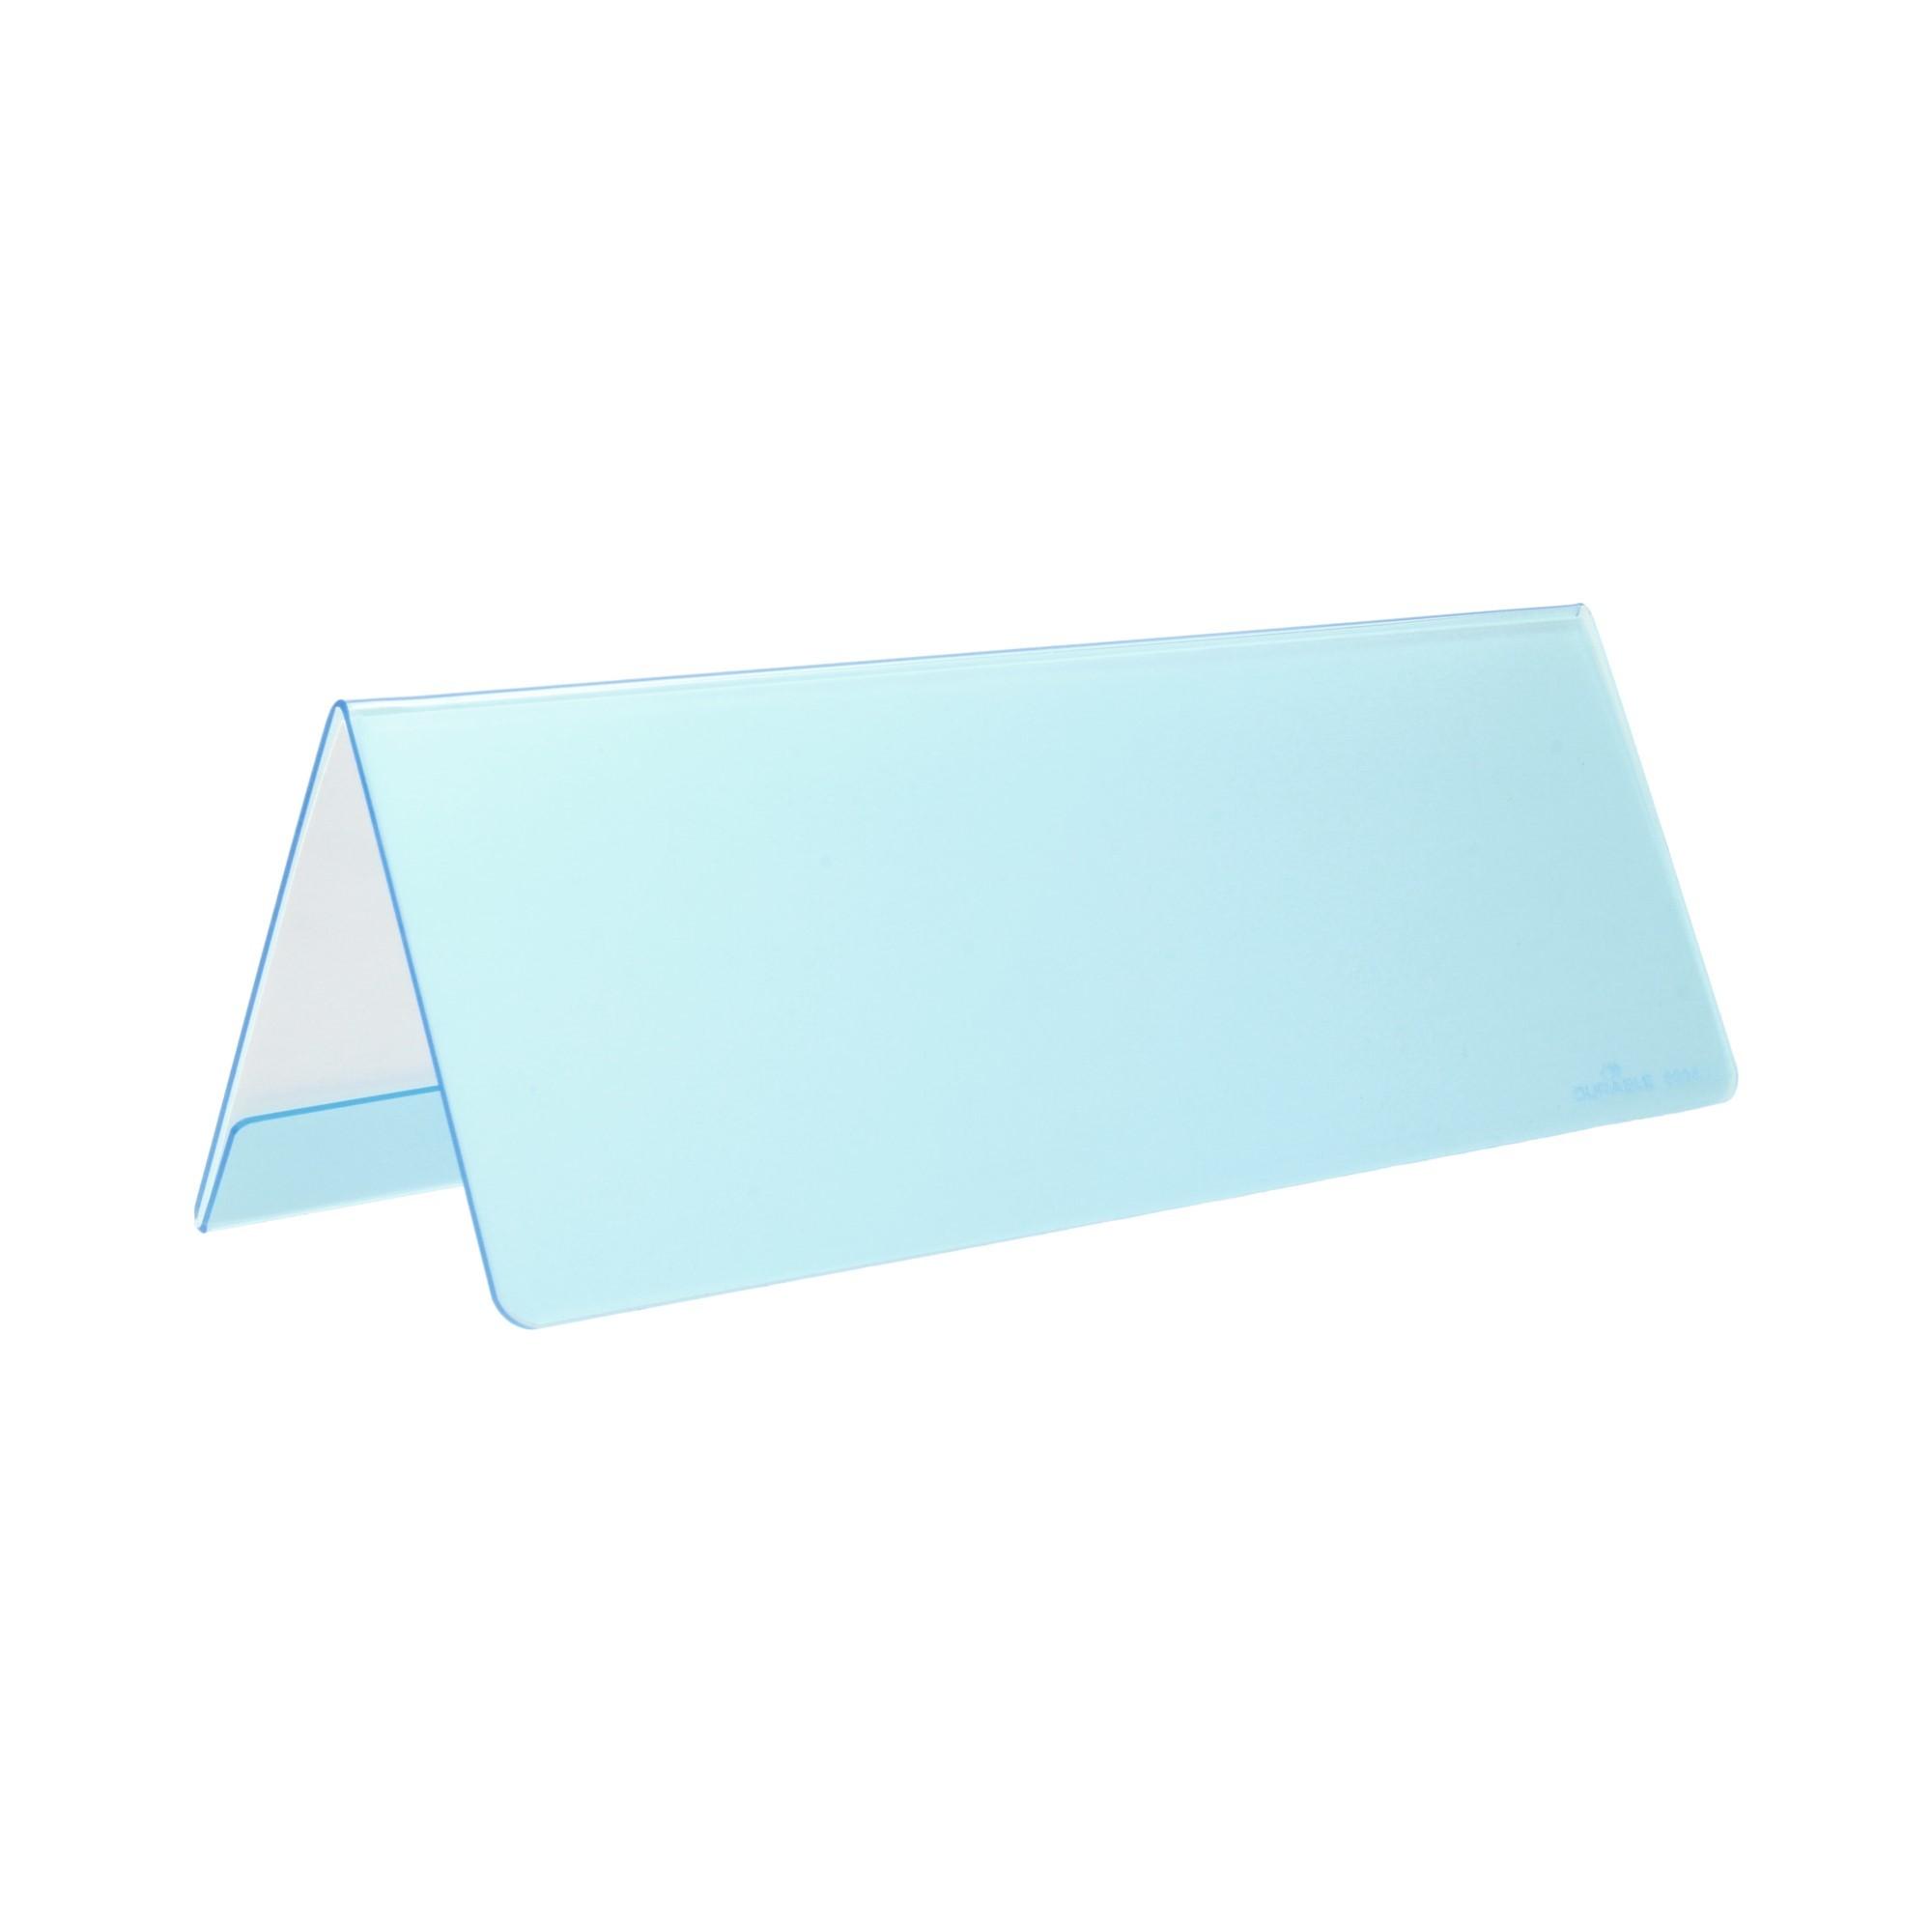 Identyfikator stołowy 105/210x297 Durable